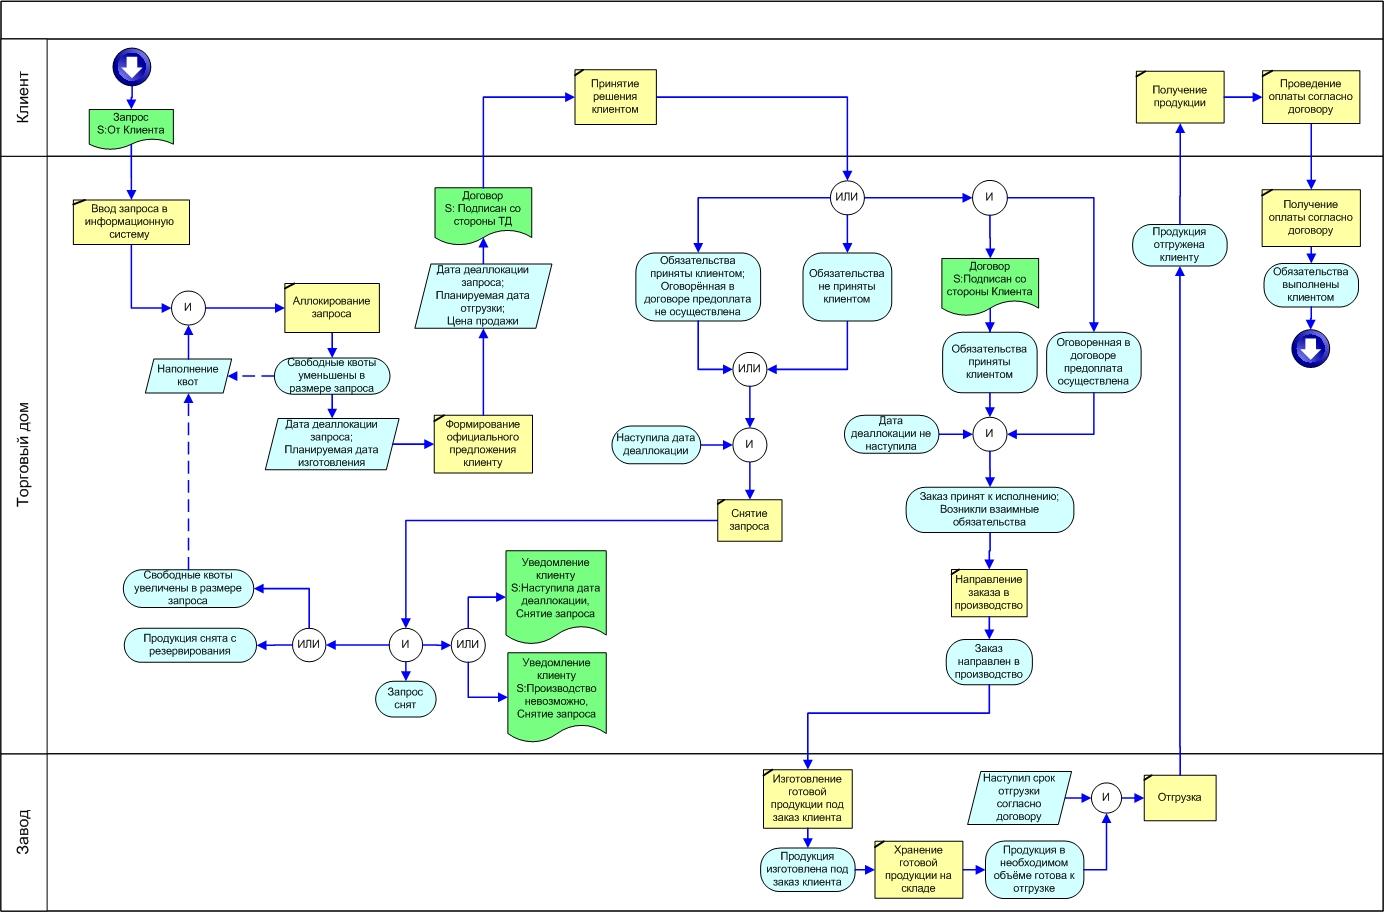 Пример схемы информационной системы предприятия5